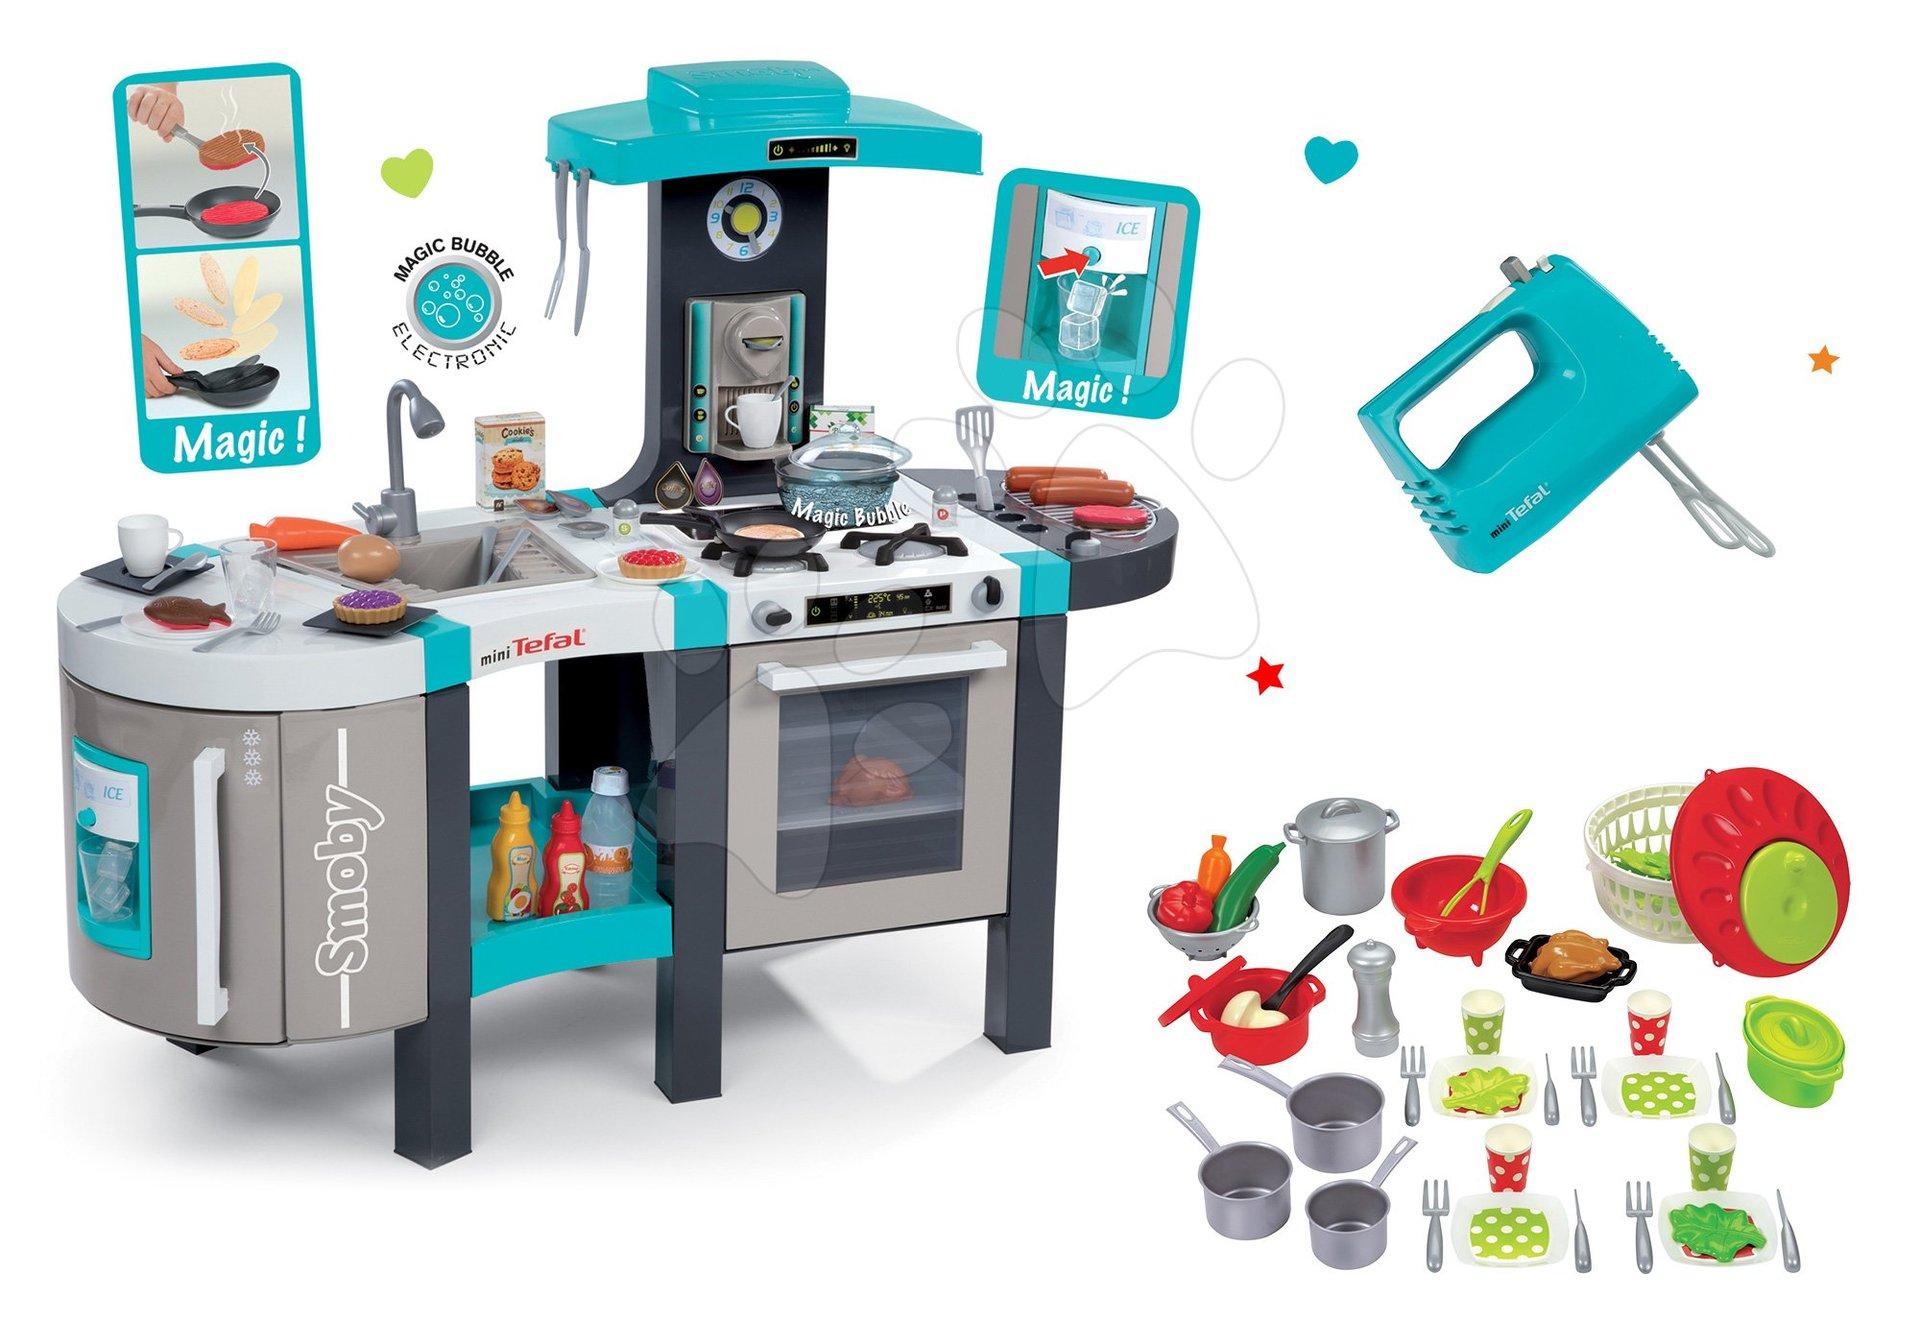 Set kuchyňka Tefal French Touch Smoby s ledem, kávovarem a ruční mixér Tefal a miska se salátem